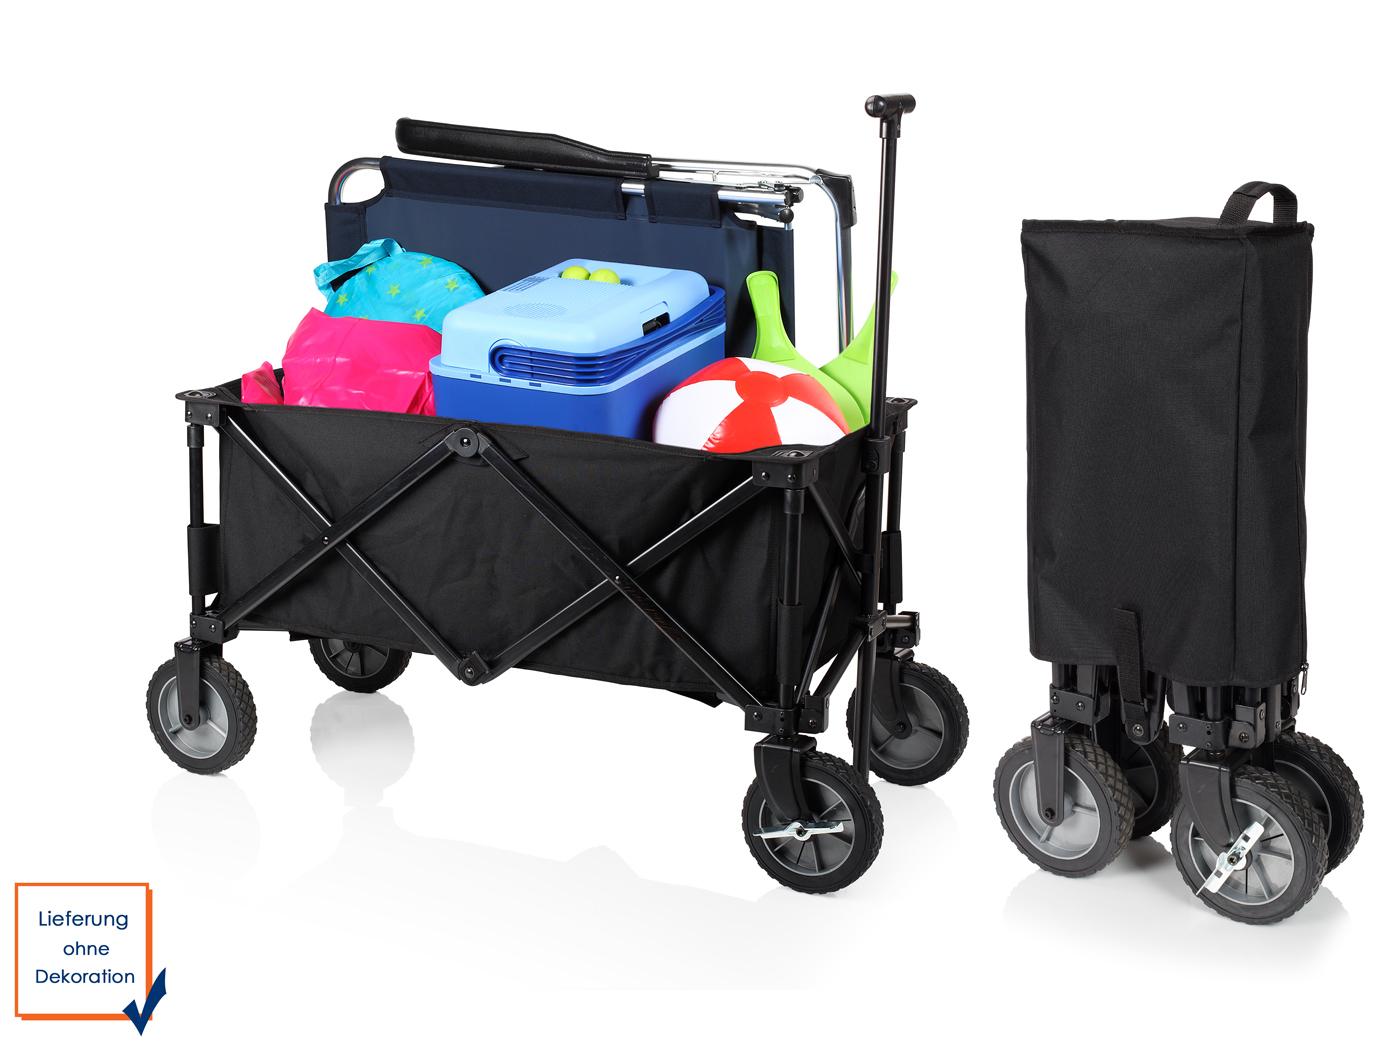 klappbollerwagen schwarz mit bremse faltbarer kinder. Black Bedroom Furniture Sets. Home Design Ideas